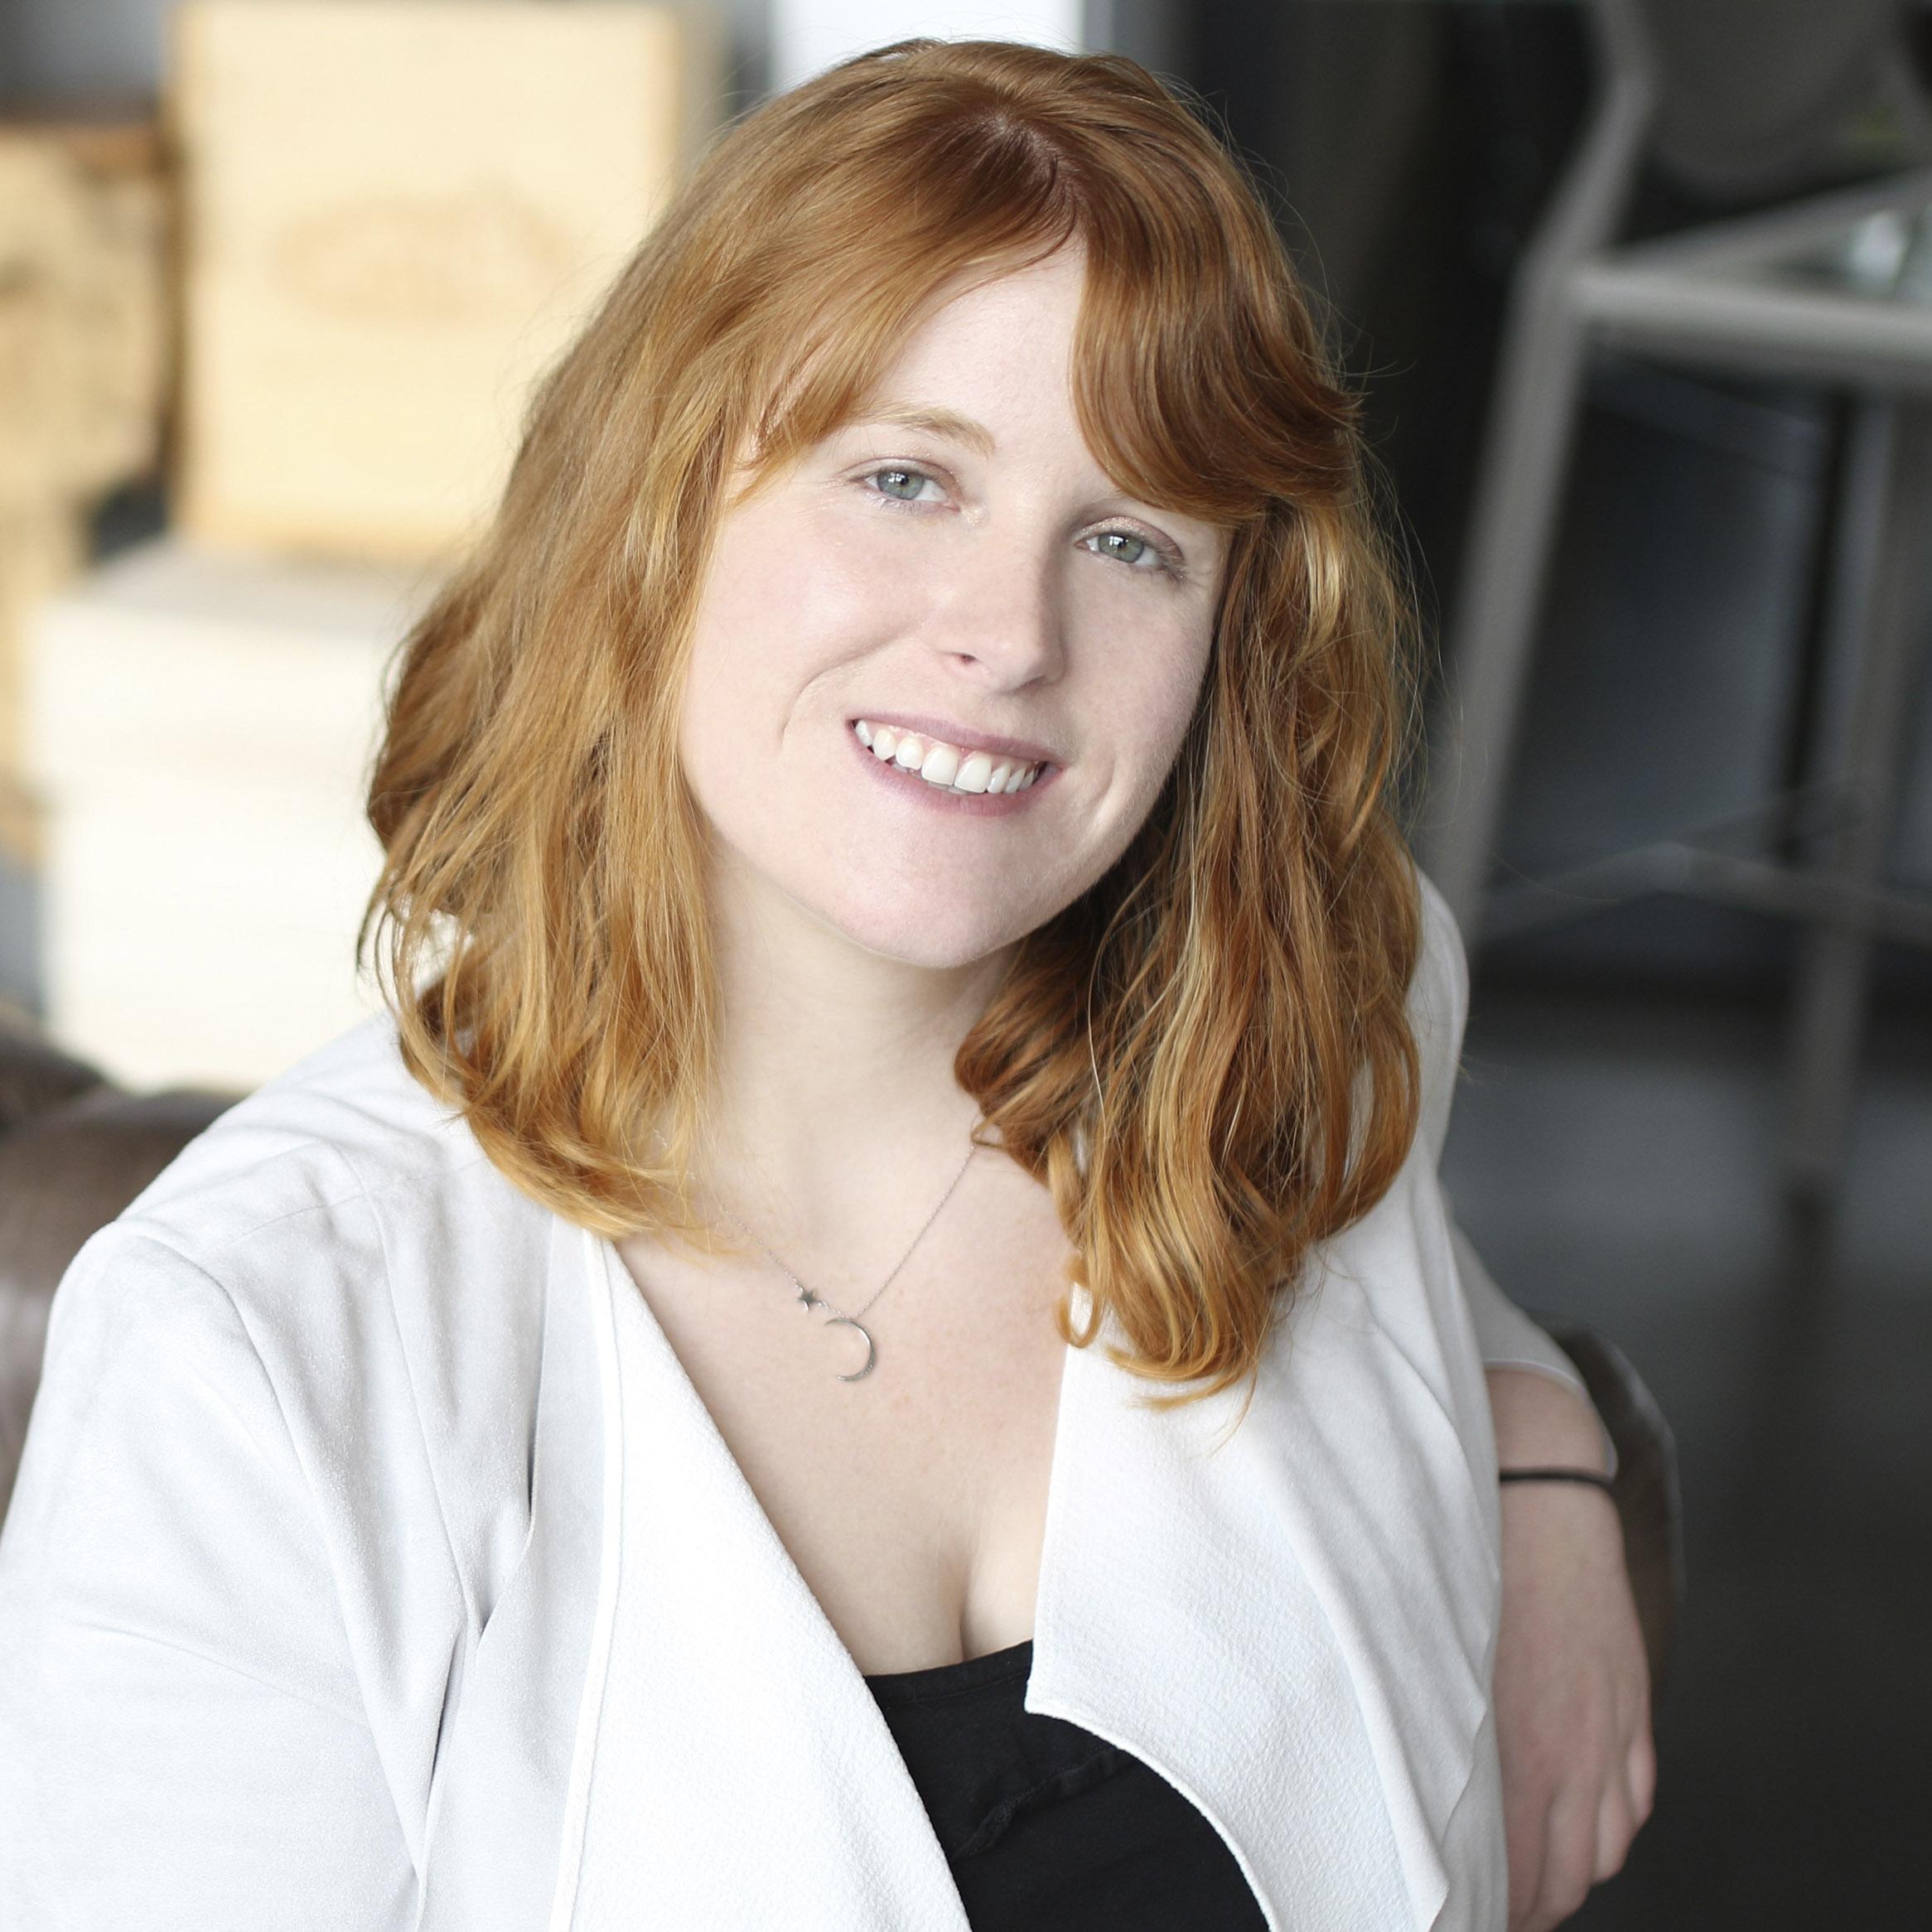 Ashley Breunich - Digital Marketing Manager